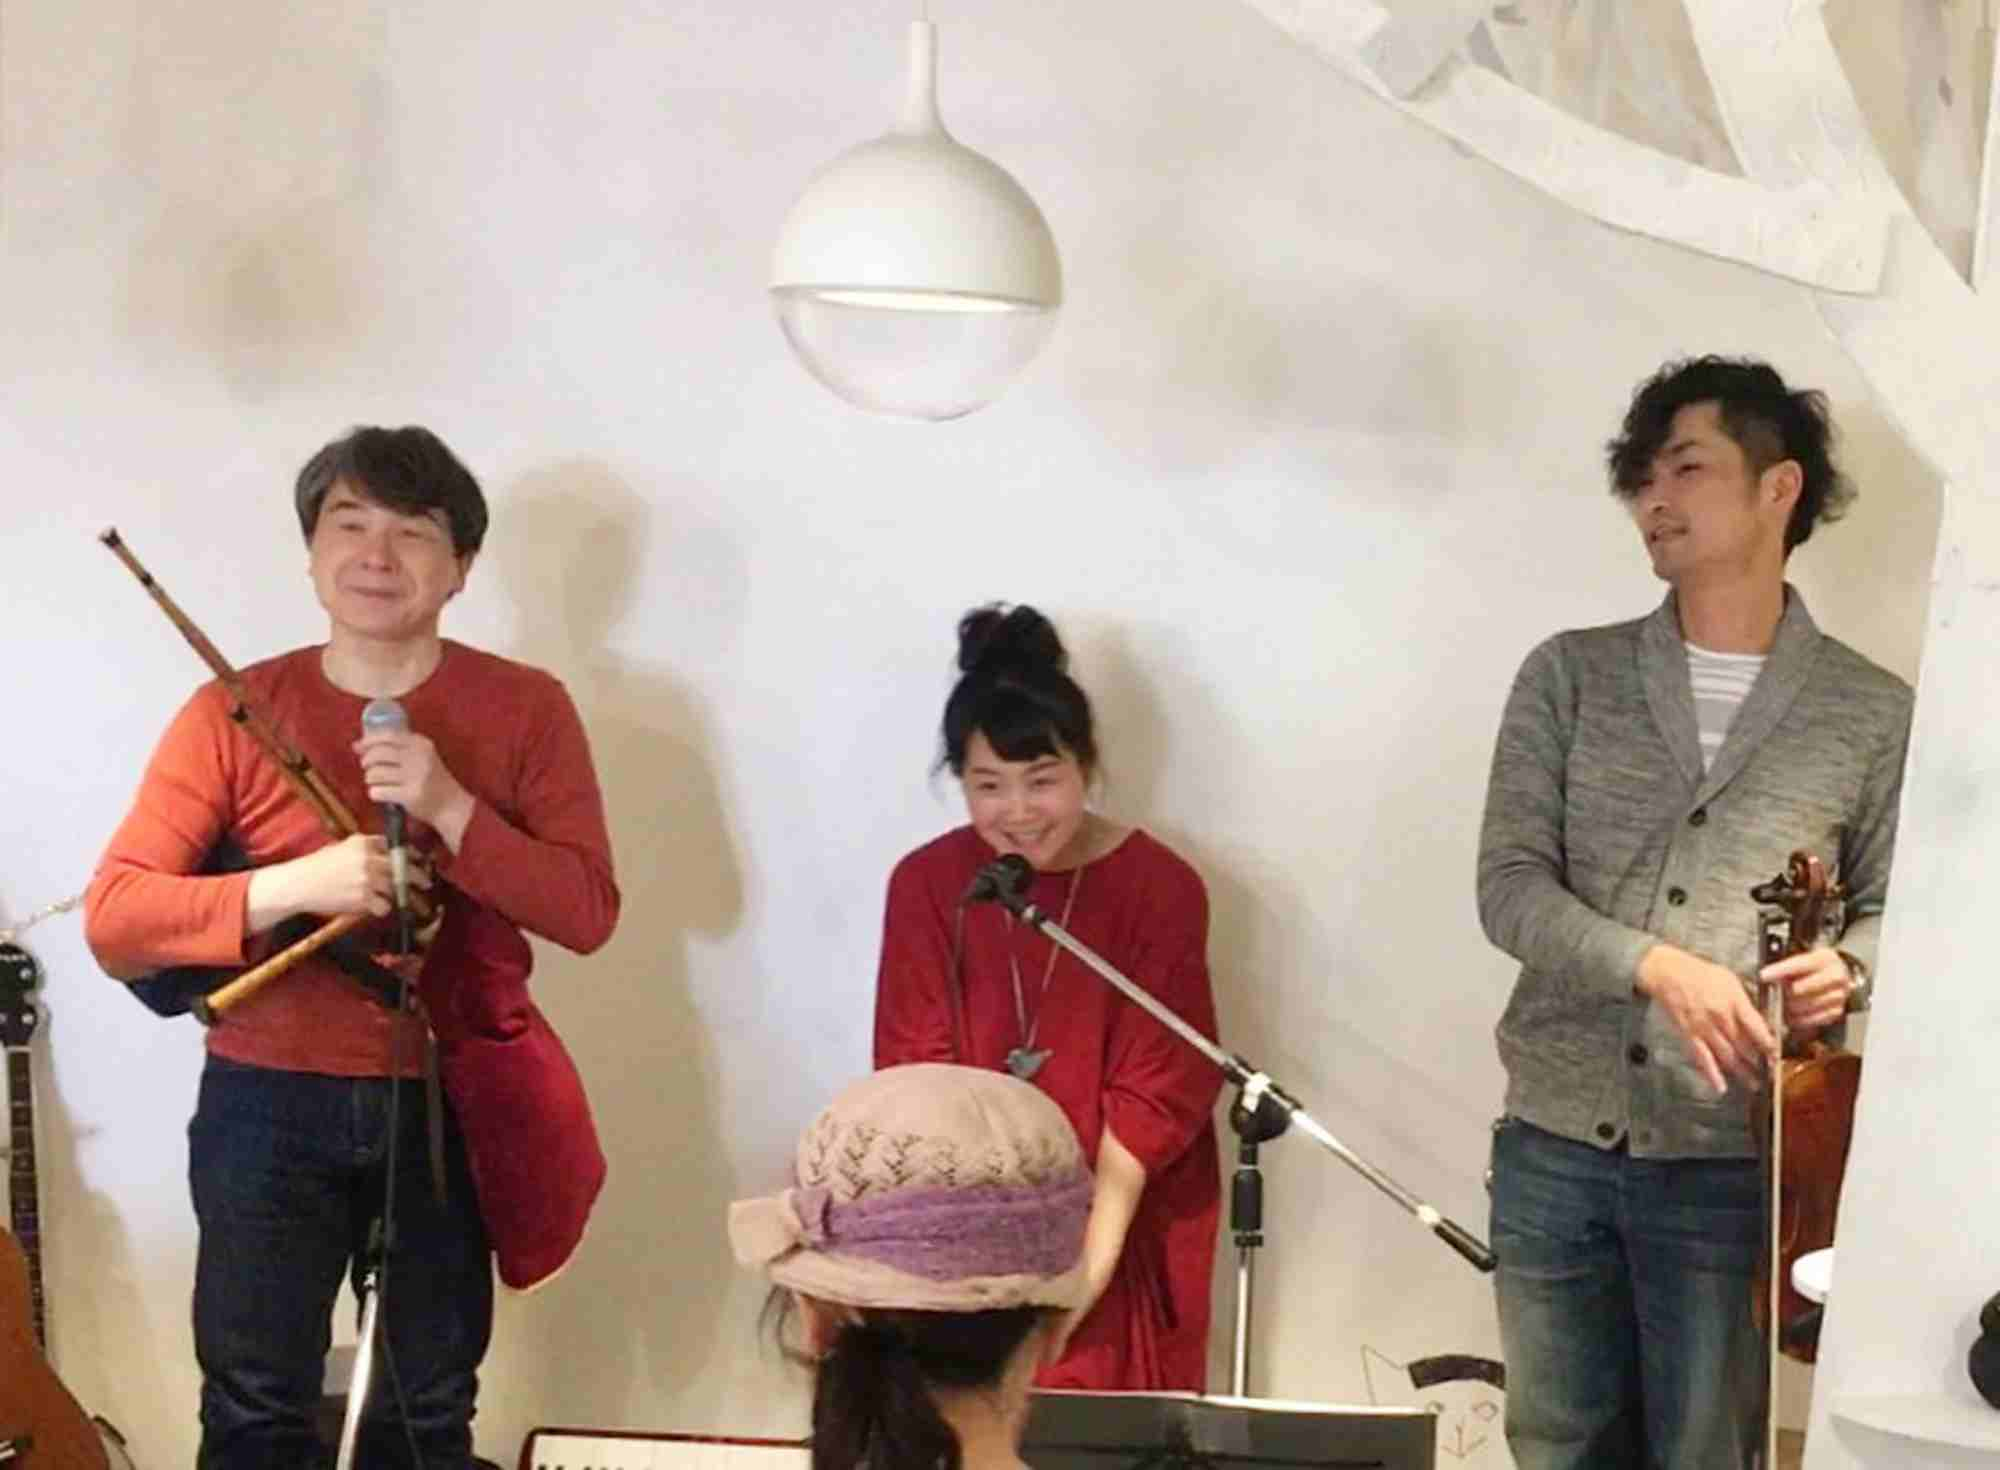 ライブのお礼:2017/04/23(日)香里園、七穀ベーカリーさんにて